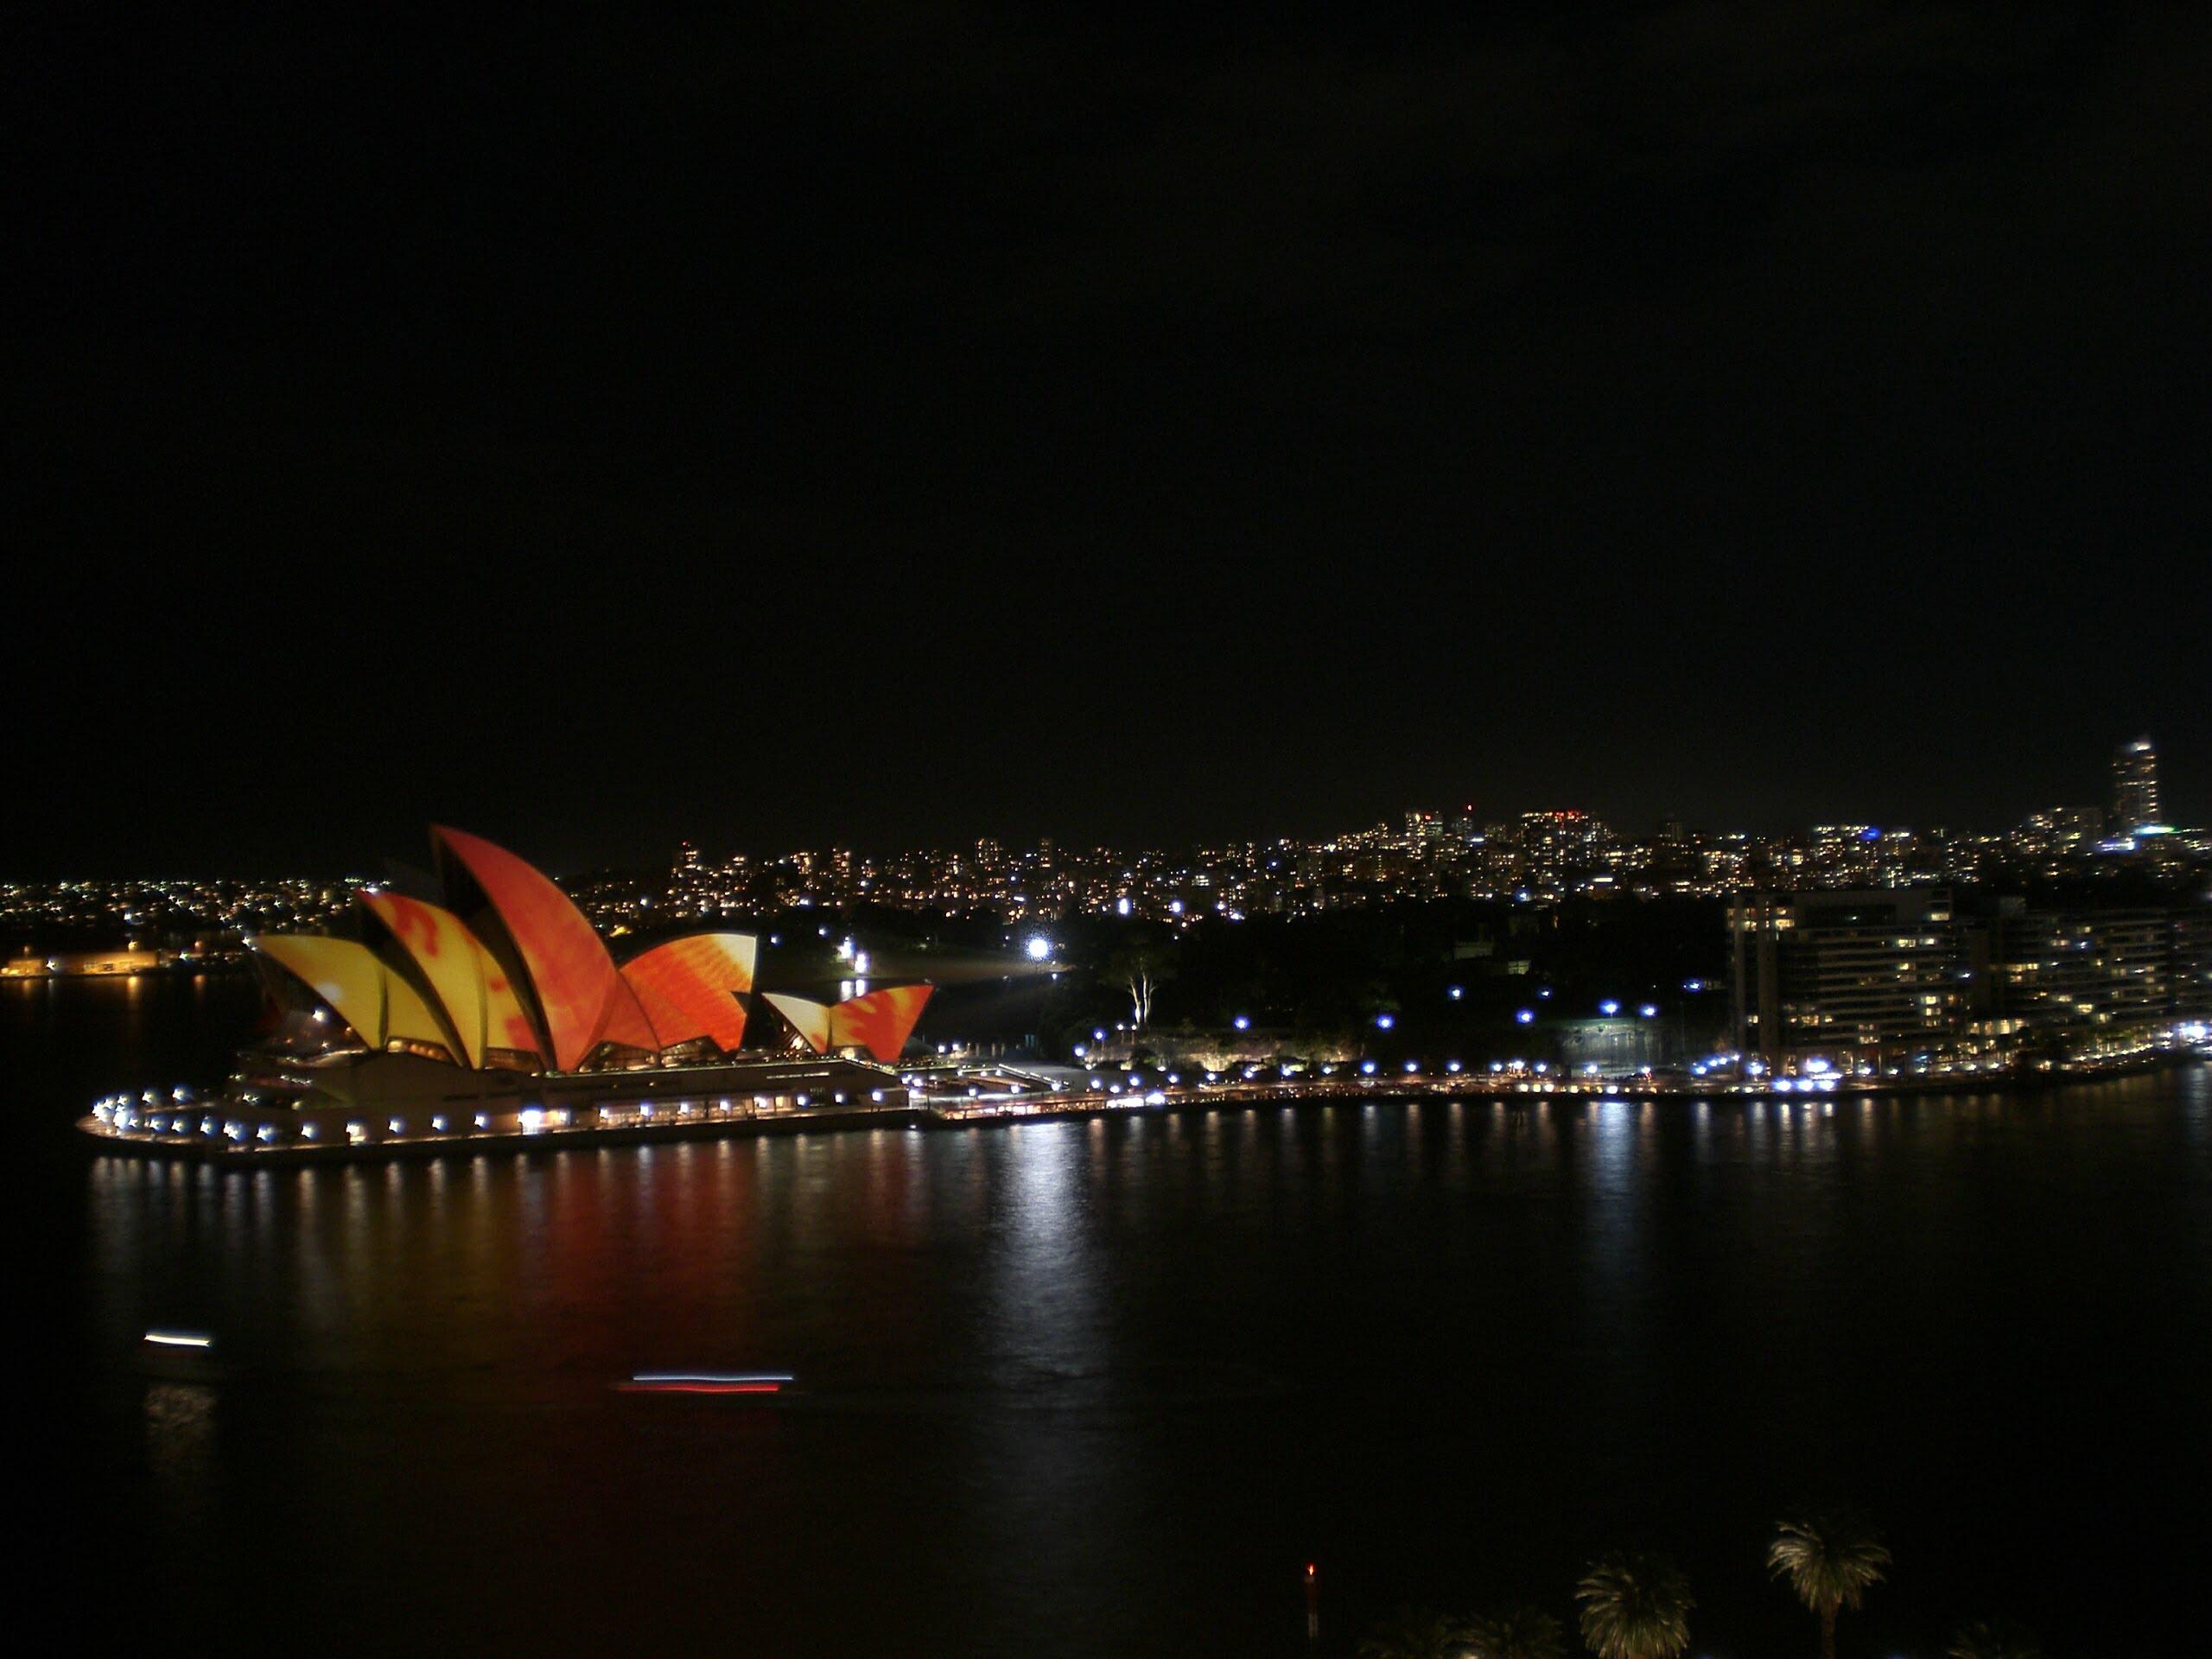 光と音楽の祭典 Vivid Sydney 〜初めは小さなイベントだった〜